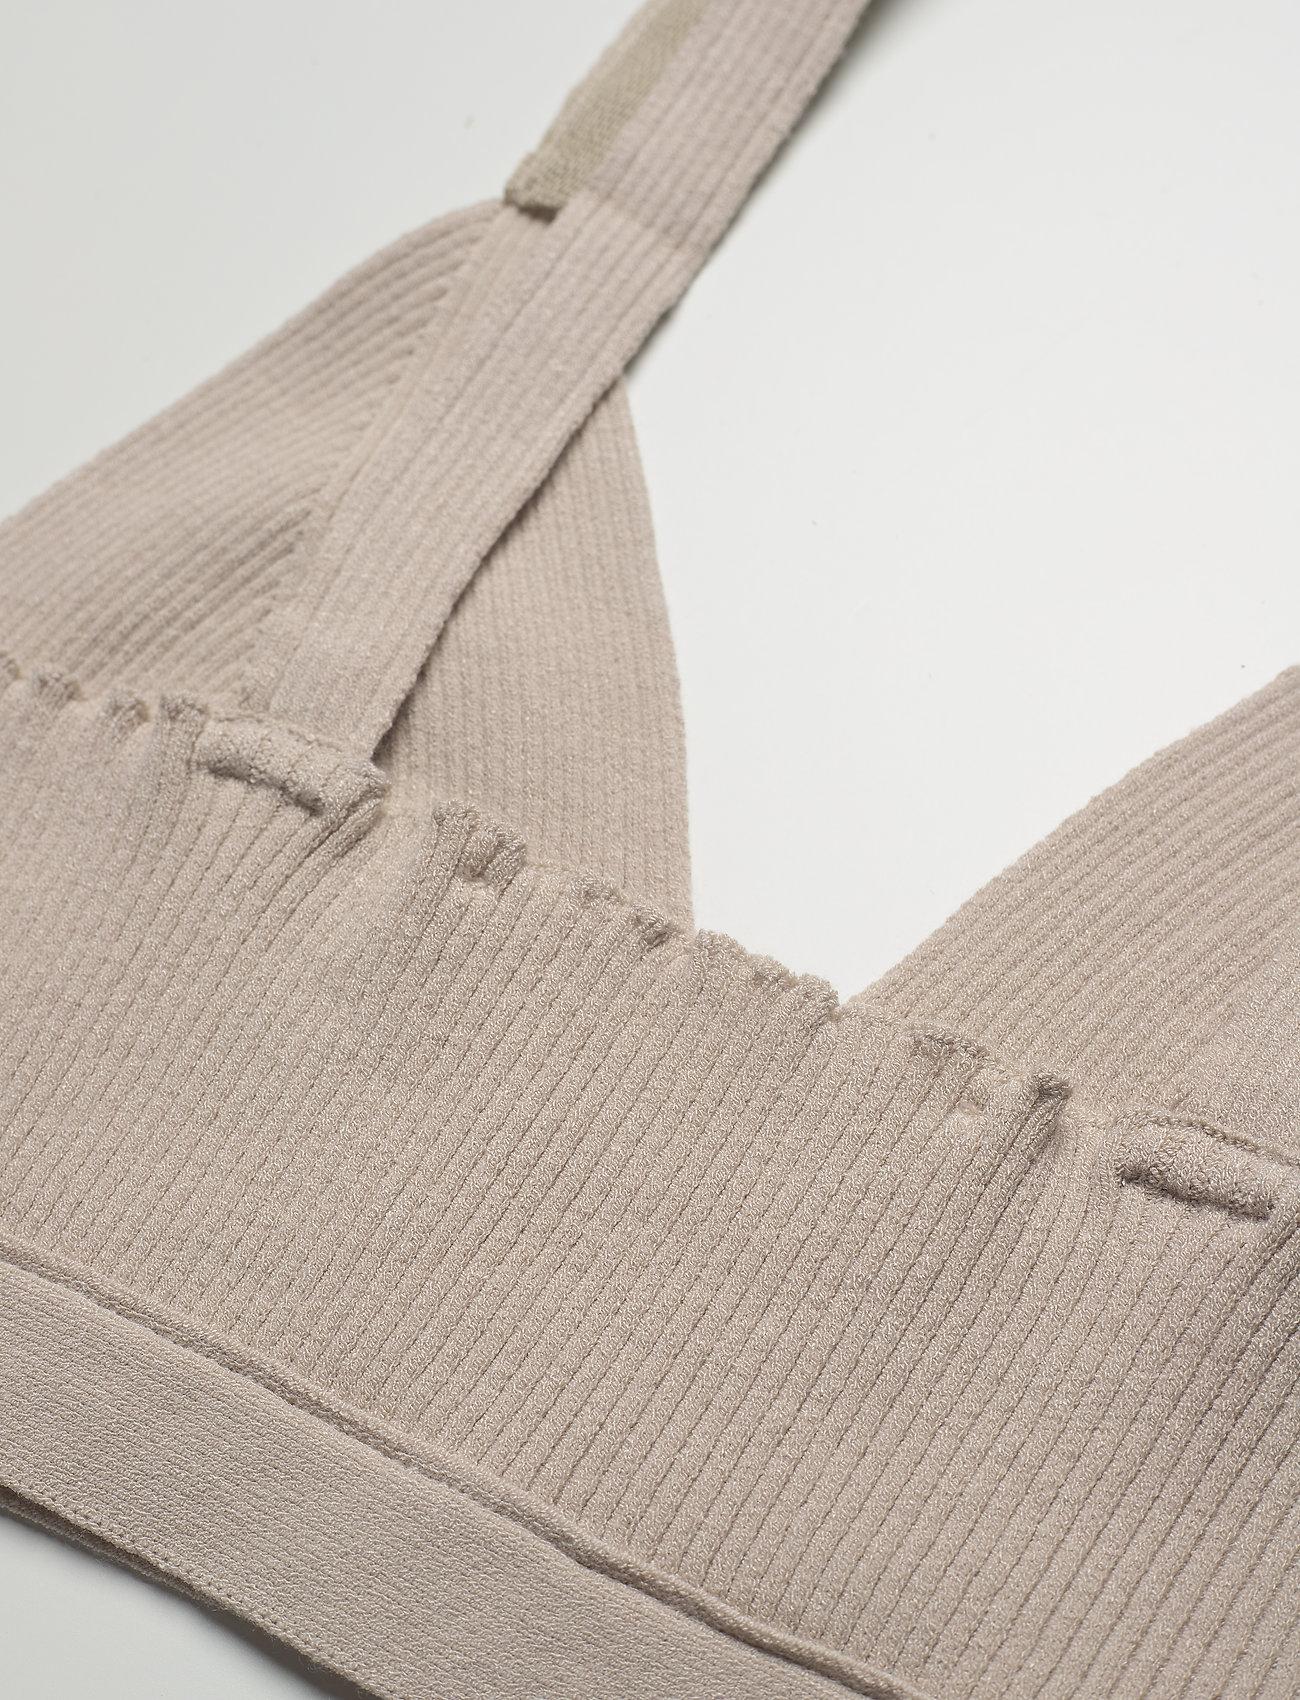 REMAIN Birger Christensen - Gunilla Bra - crop tops - pumice stone - 3